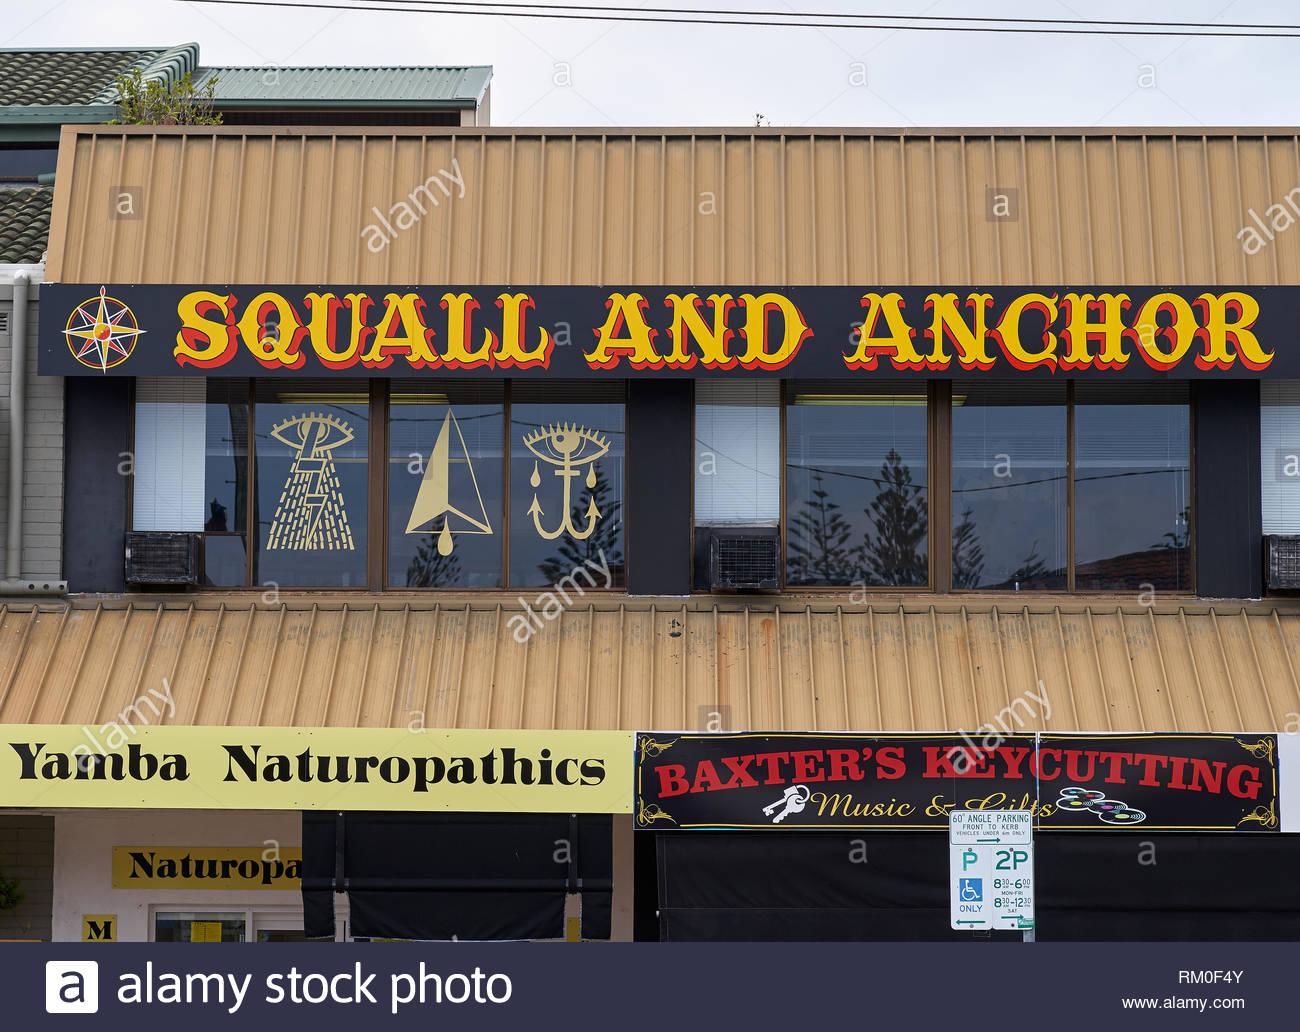 Shop di smistamento del traffico nella strada principale di Yamba - 'Squall ed ancoraggio tatuaggio', 'Yamba Naturopathics' e 'Baxter's Keycutting' - con la simbologia satanica. Immagini Stock